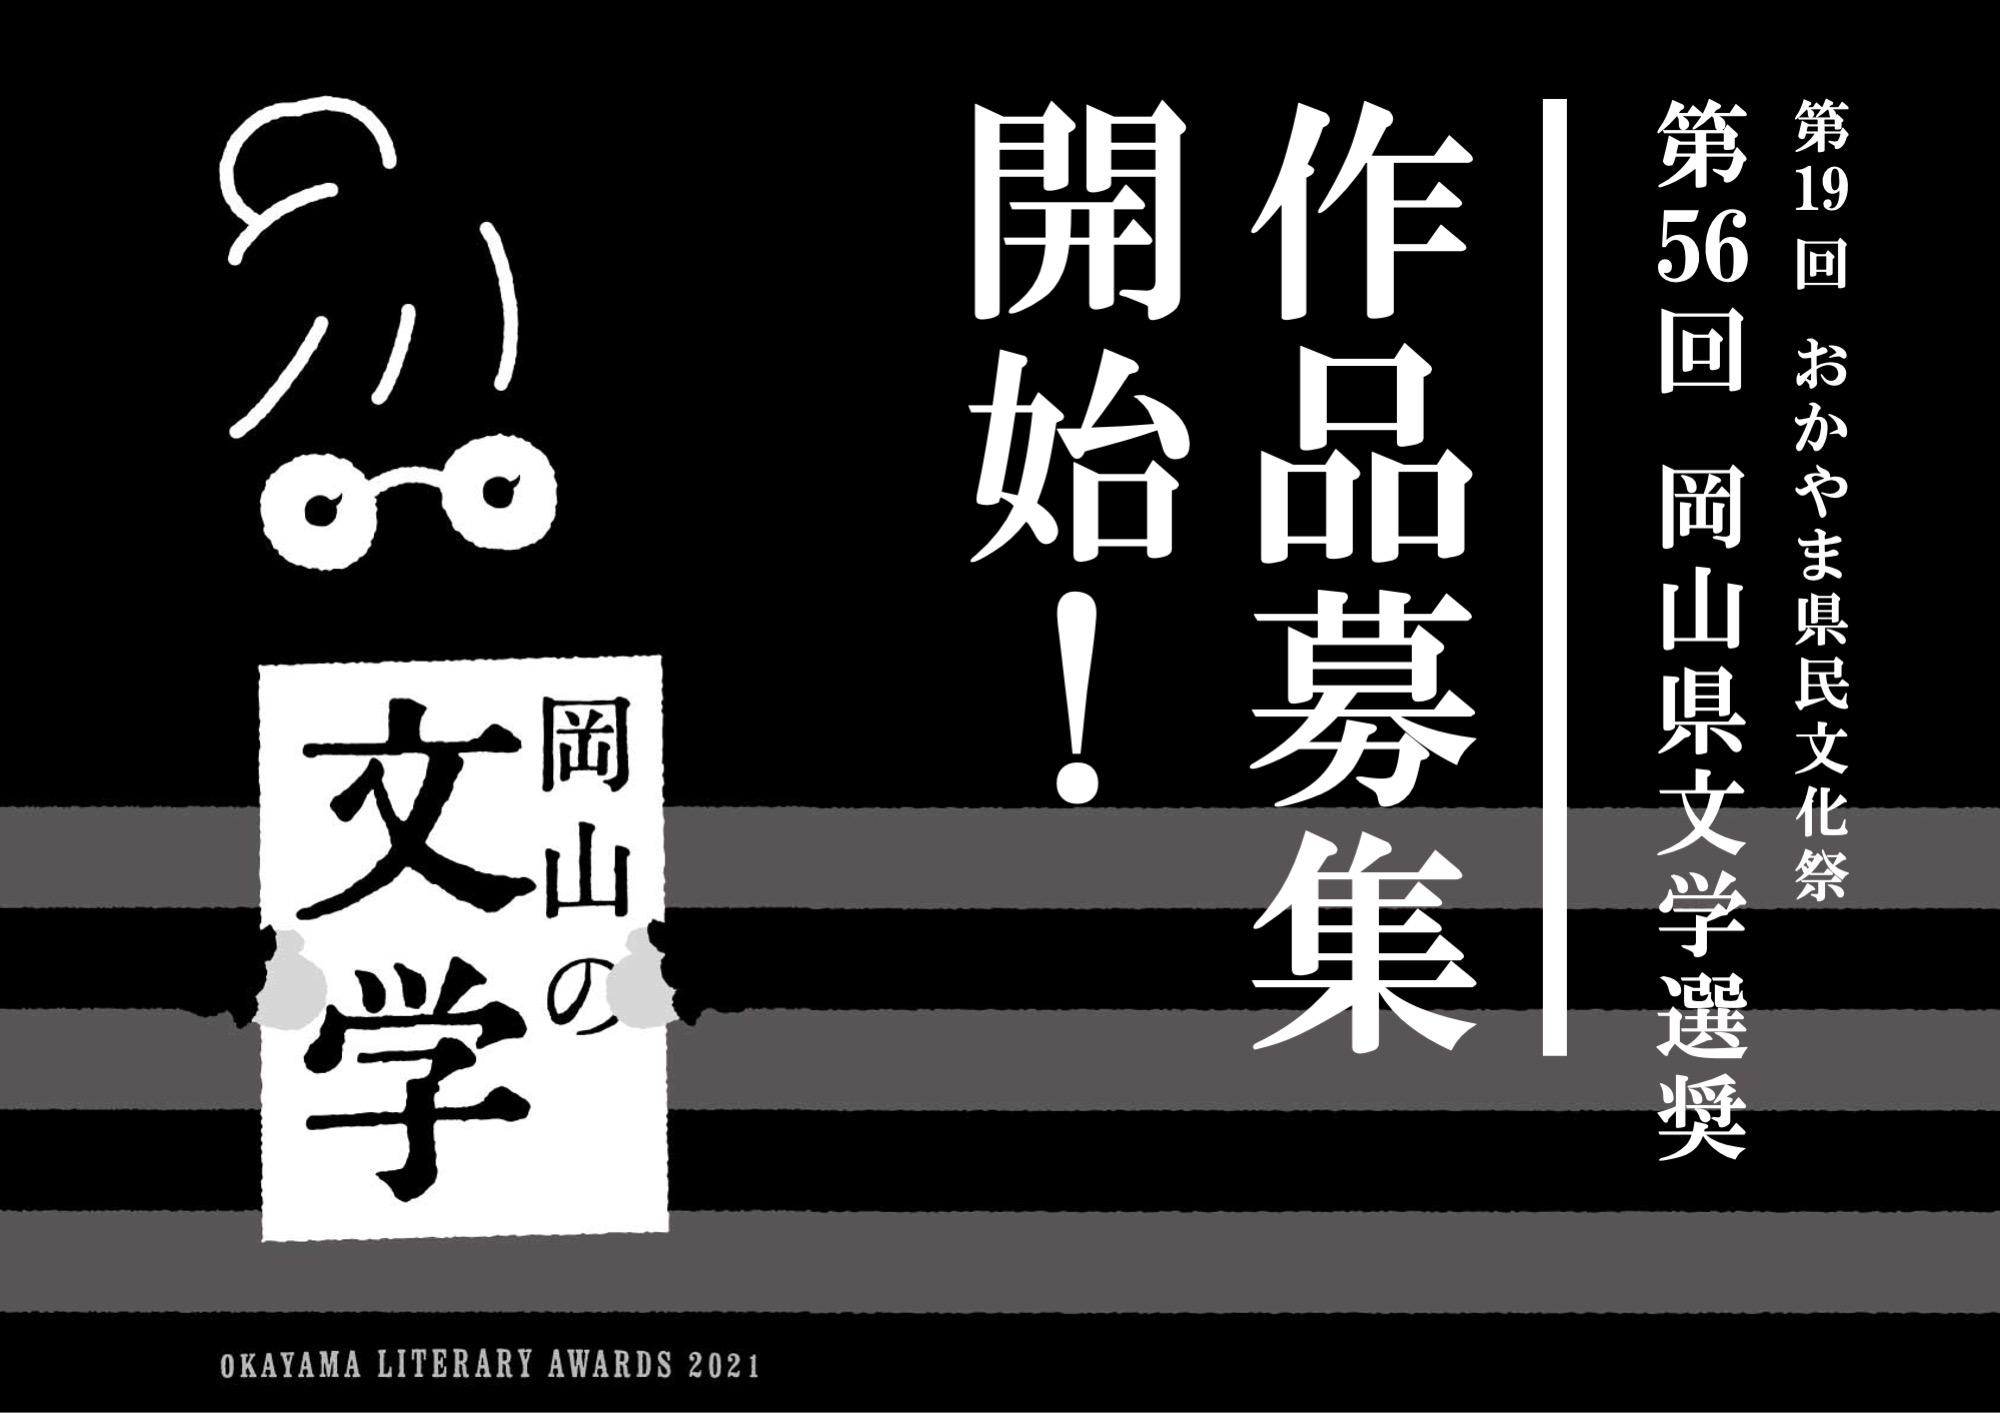 第56回 岡山県文学選奨作品募集開始!